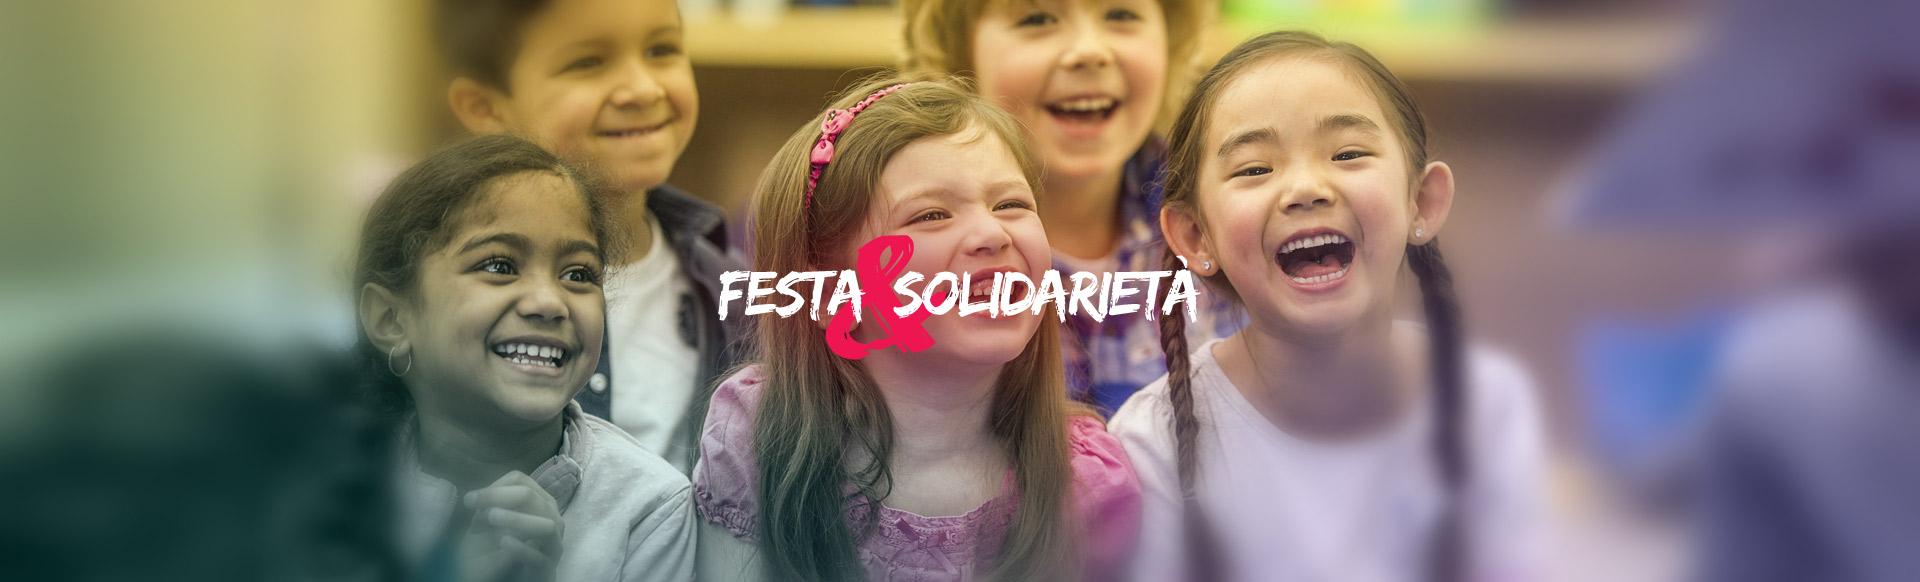 cover_festa